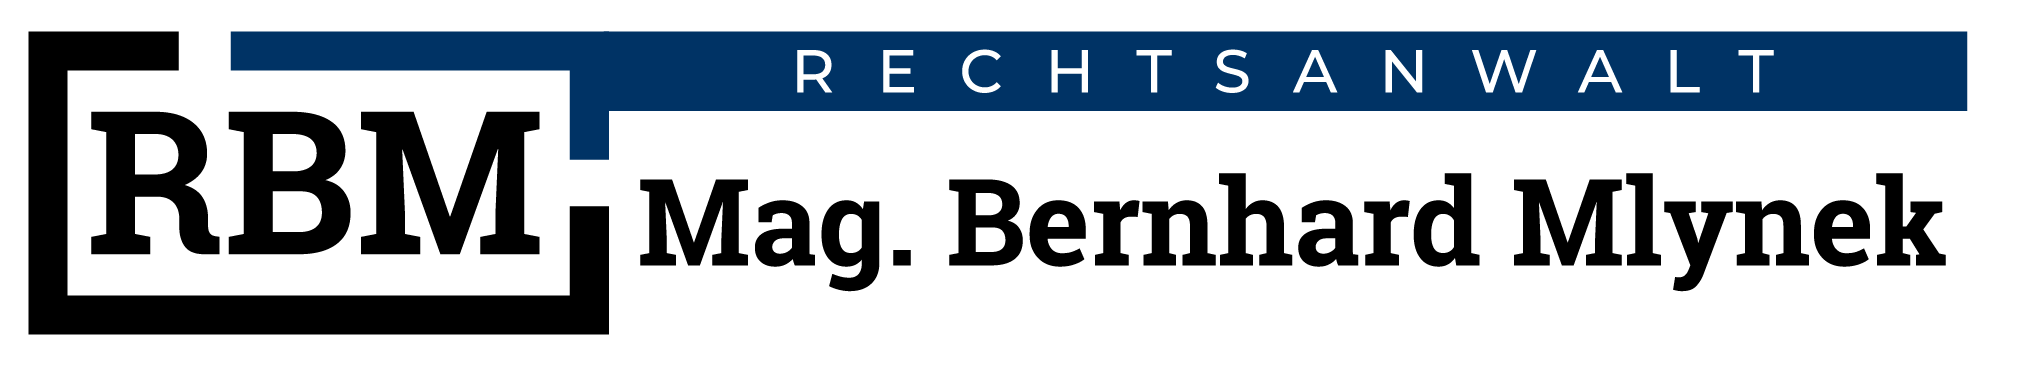 Mag. Bernhard Mlynek Logo Pressbaum